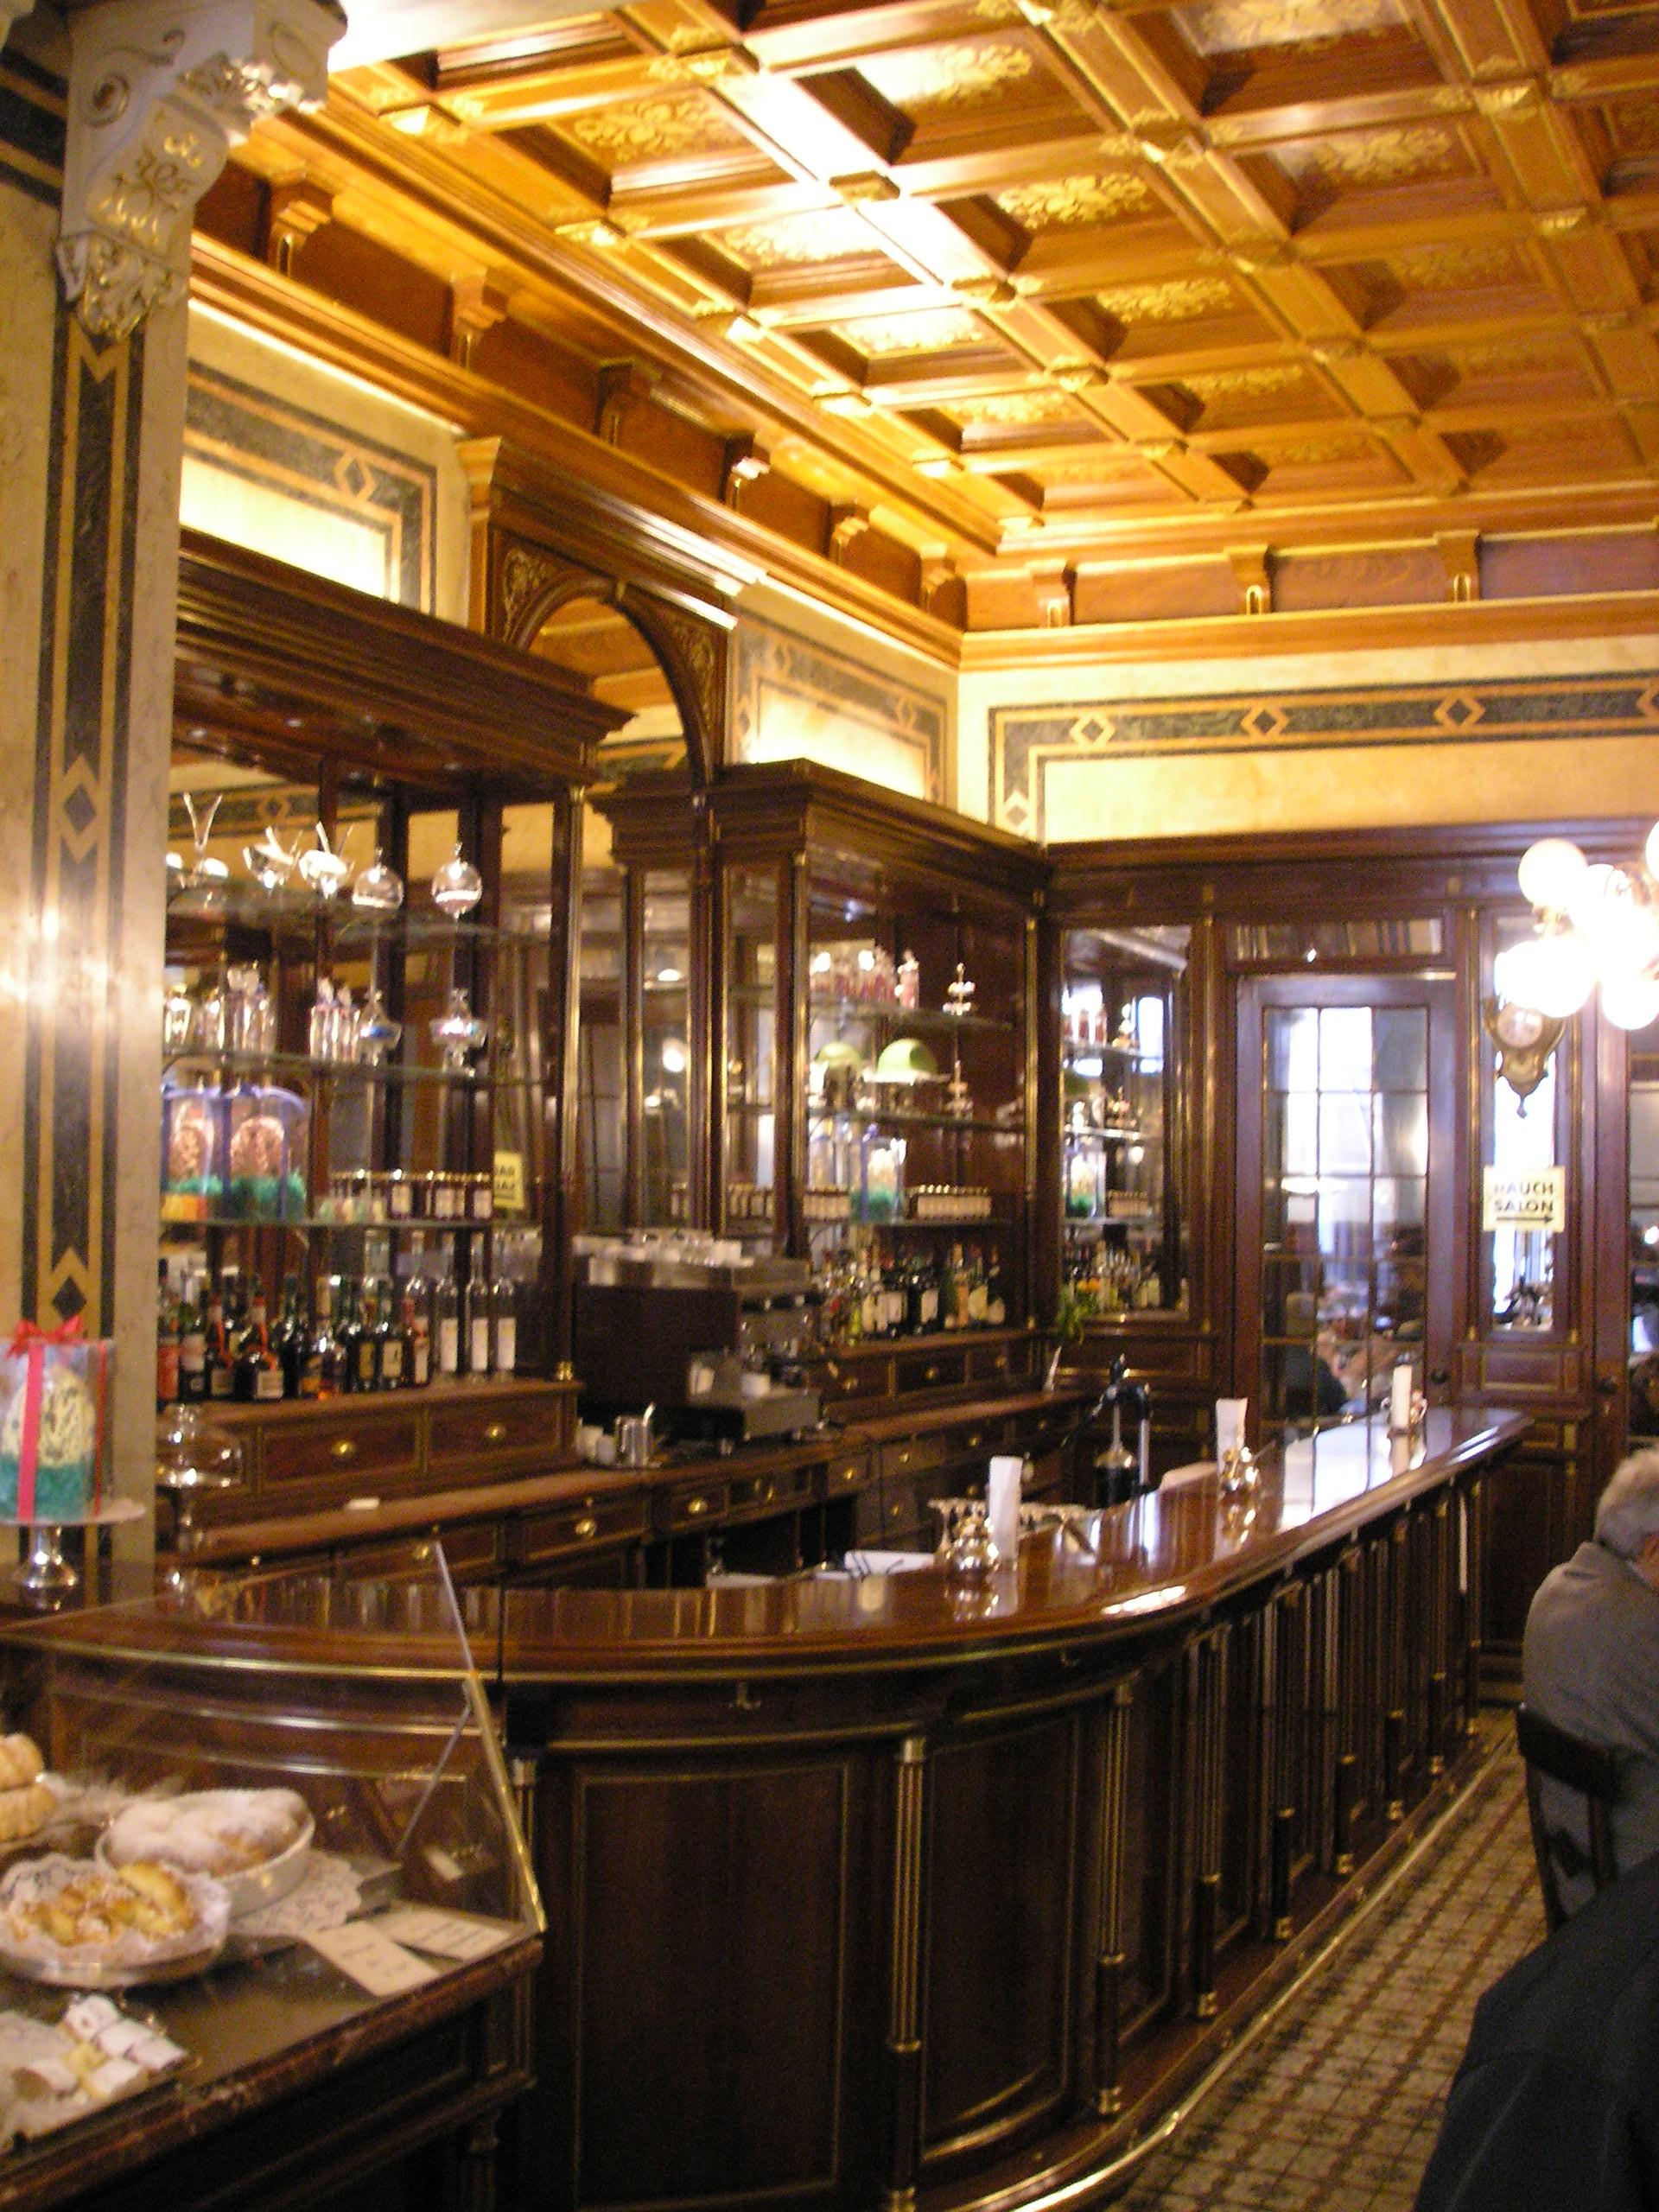 Wiener Cafe Konditorei W Ef Bf Bdrth